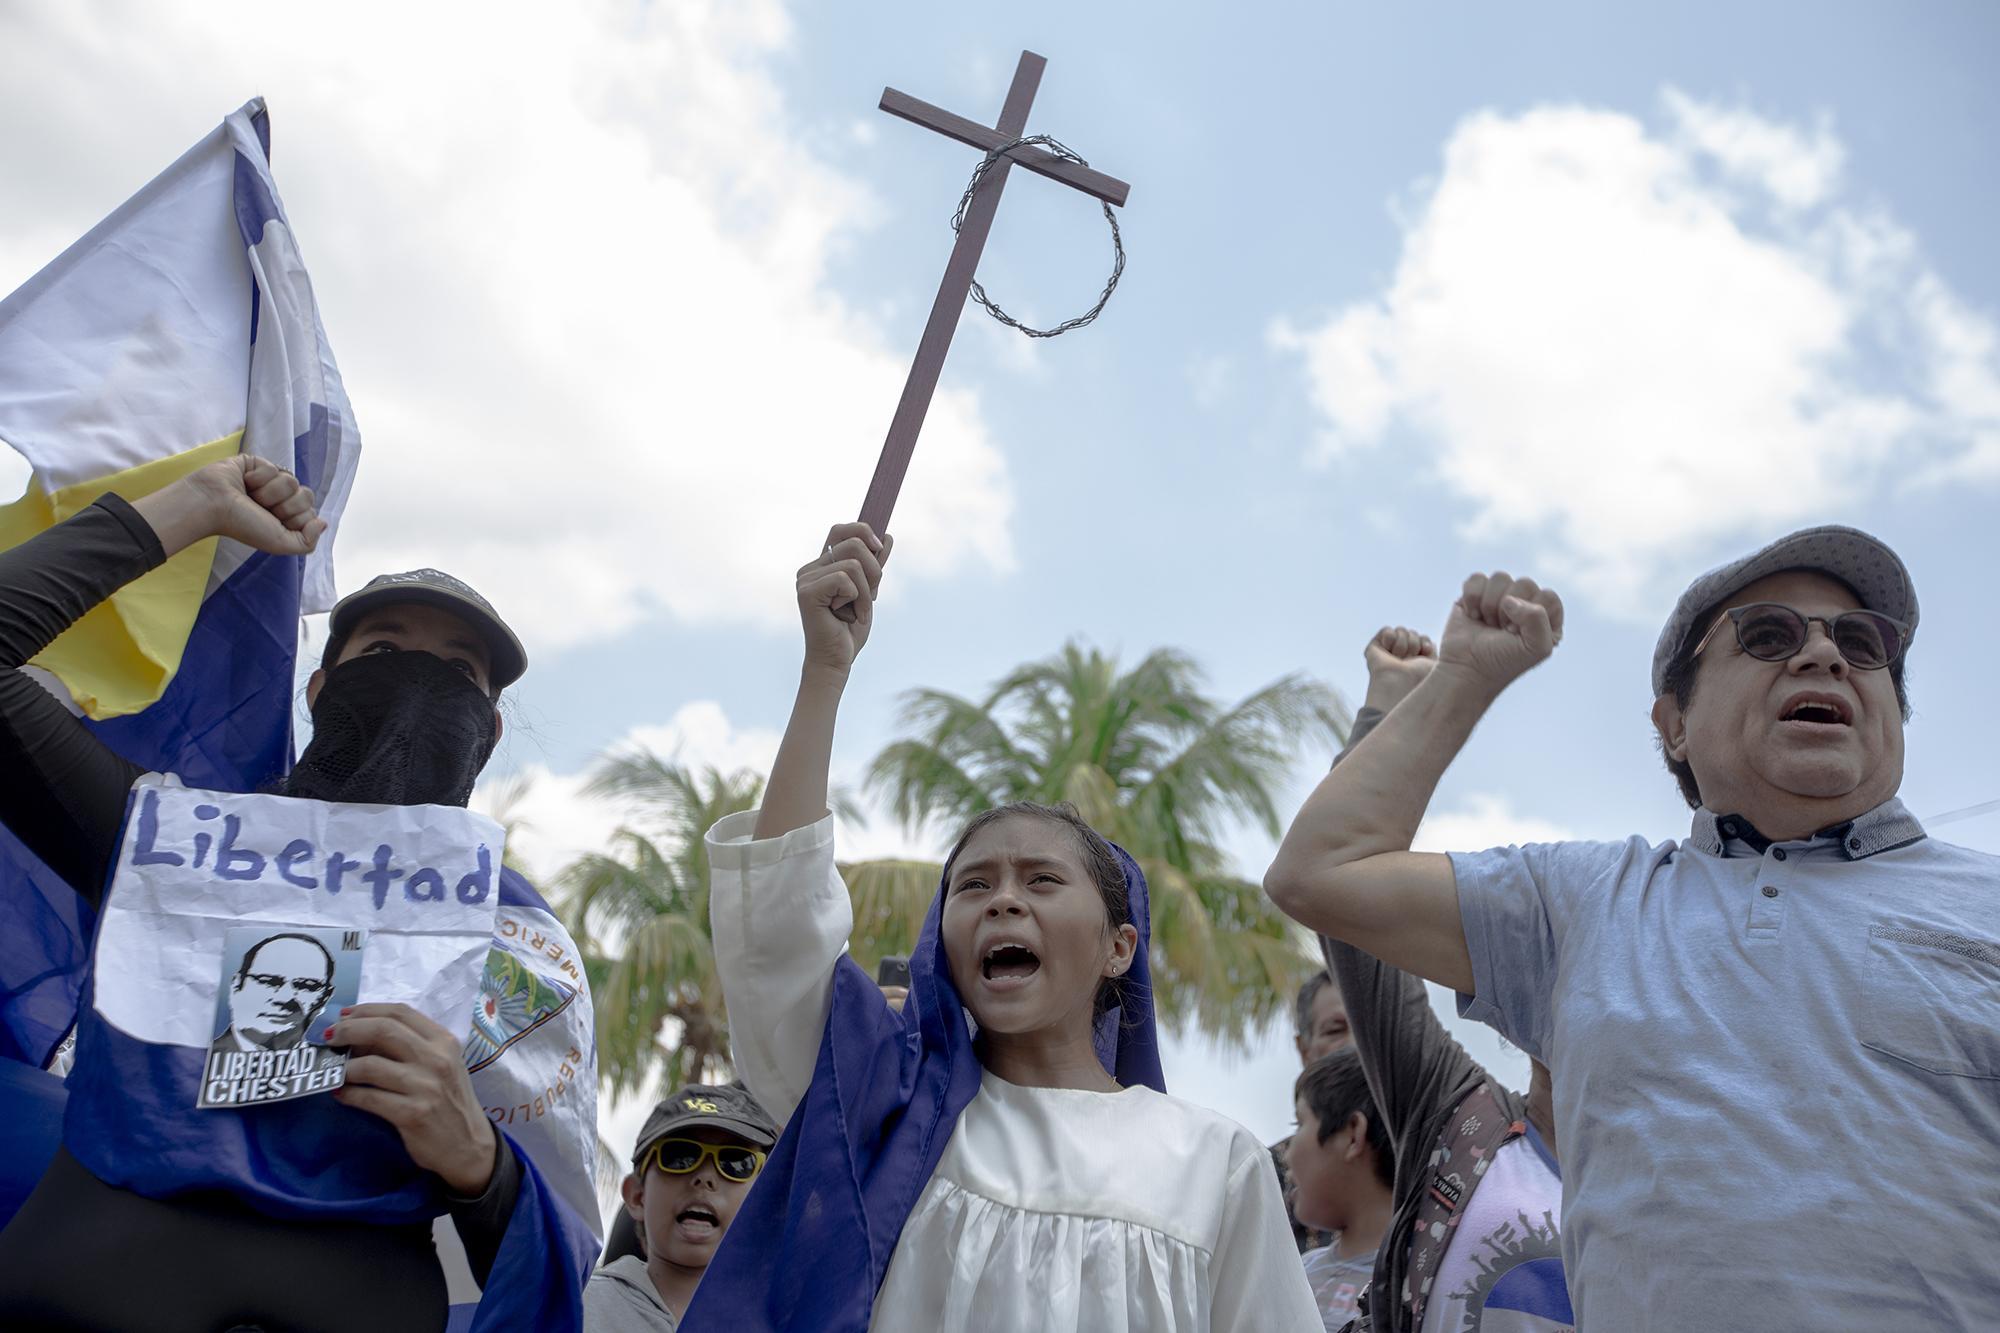 El viacrucis penitencial del viernes santo inició en el colegio Teresiano, en la ciudad de Managua, y finalizó en la catedral. Se convirtió en una oportunidad para algunos nicaragüenses que volvieron a protestar en las calles de la ciudad. Desde que el gobierno declaró ilegales las protestas, en septiembre del 2018, no ha habido marchas masivas, sino apenas concentraciones fugaces de pequeños grupos que gritan un par de consignas y huyen antes de ser apresados por la policía.